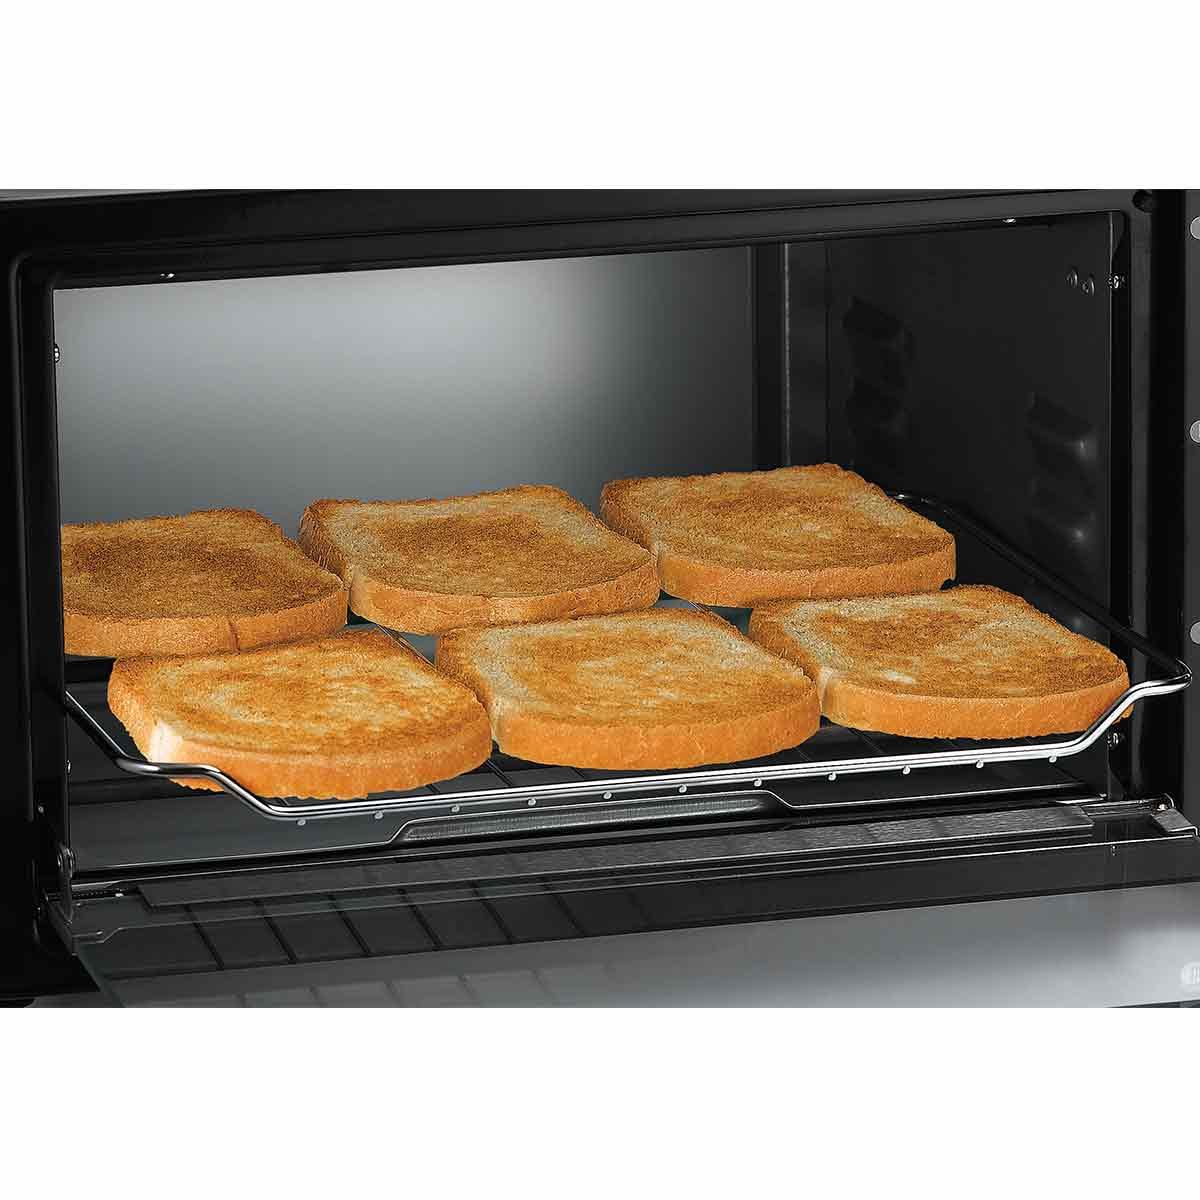 Hamilton Beach Stainless Steel Toaster Oven 31411